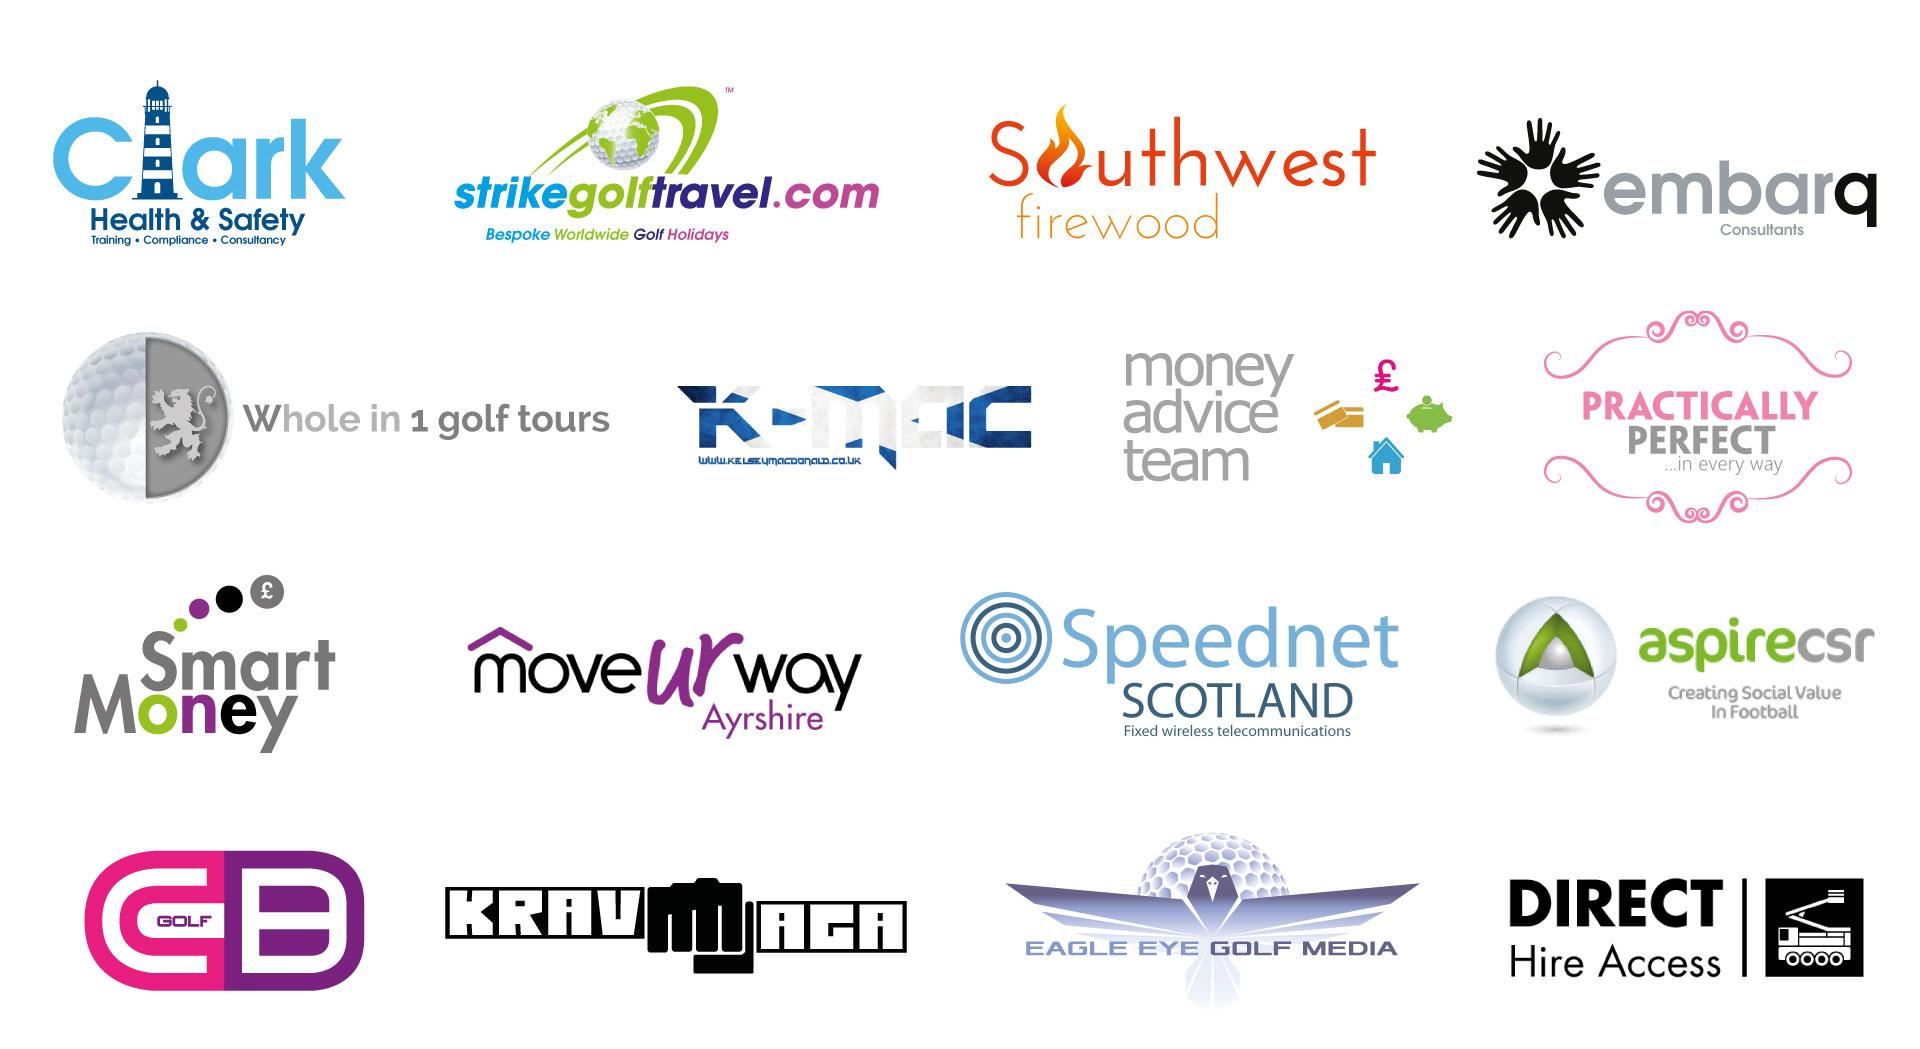 Code54-website-branding-companies